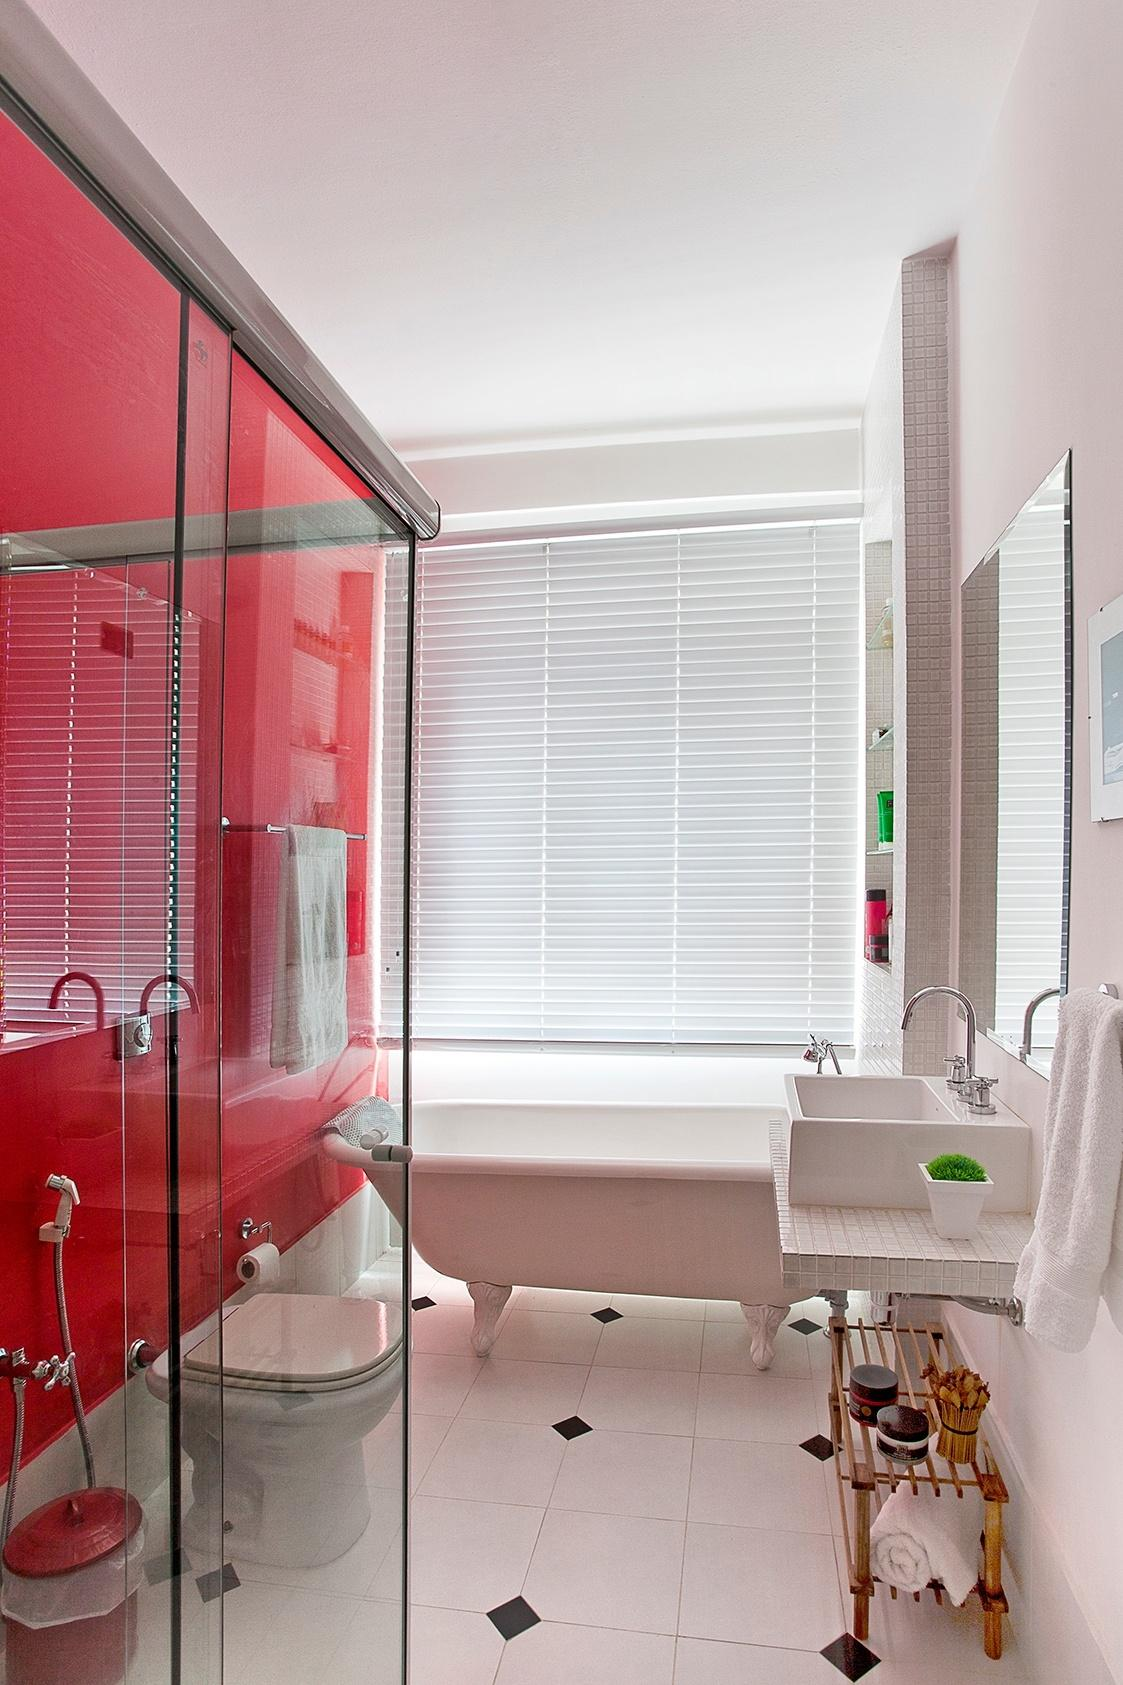 Banheiros: sugestões para decoração tendo muito ou pouco espaço  #9A313D 1123x1685 Banheiro Azulejo Ou Tinta